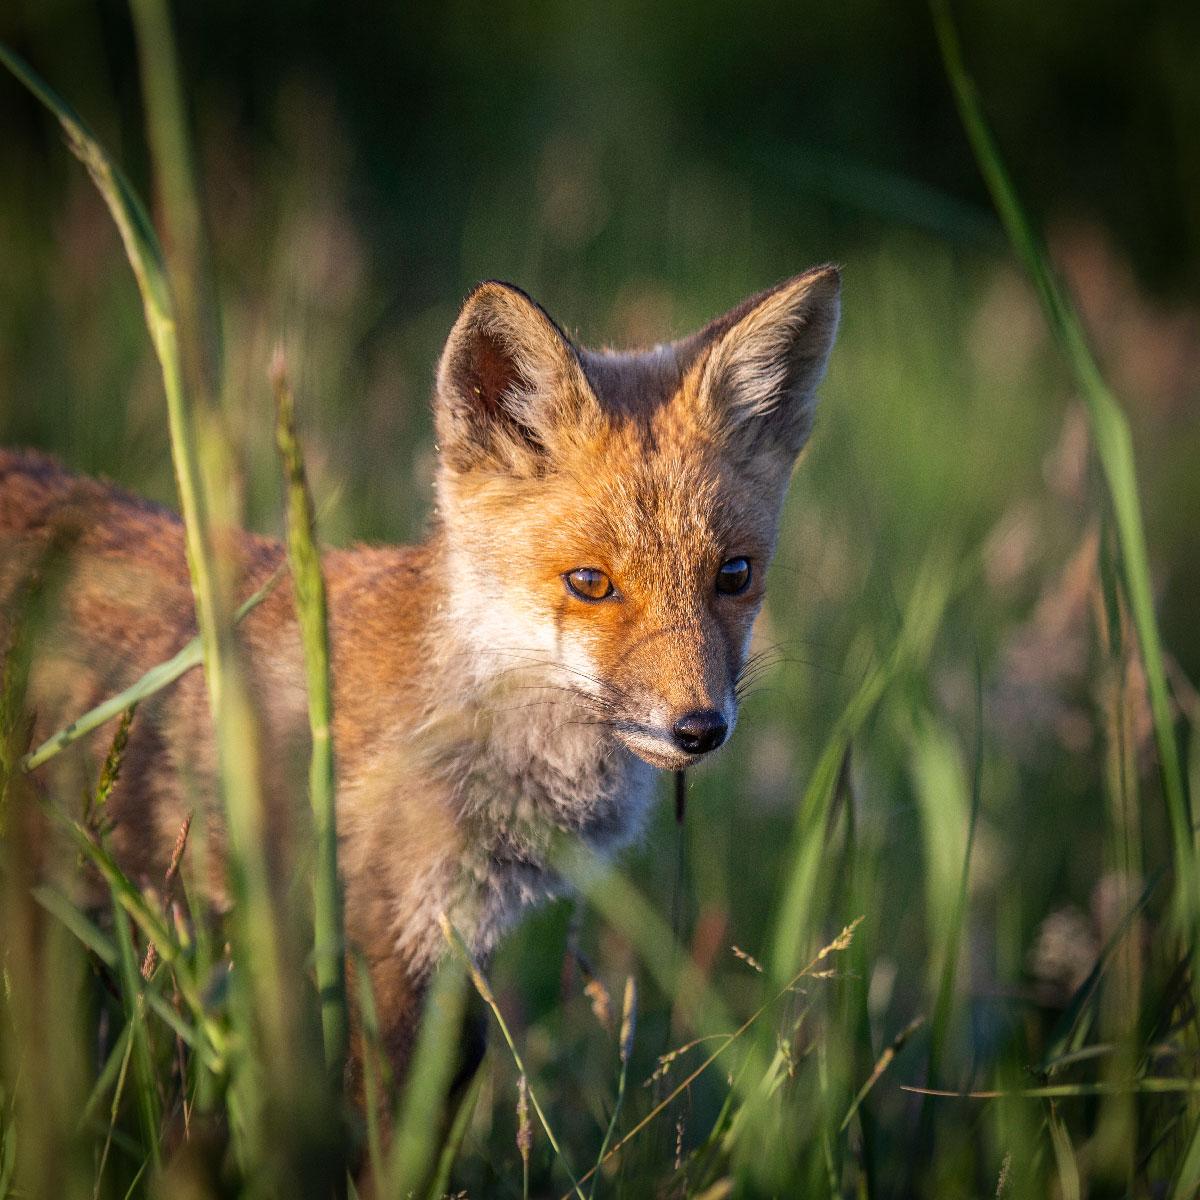 En af de nye ræveunger i Lille Vildmose. Lyset rammer den rødlige pels, og ræven gemmer sig lidt i det høje græs.